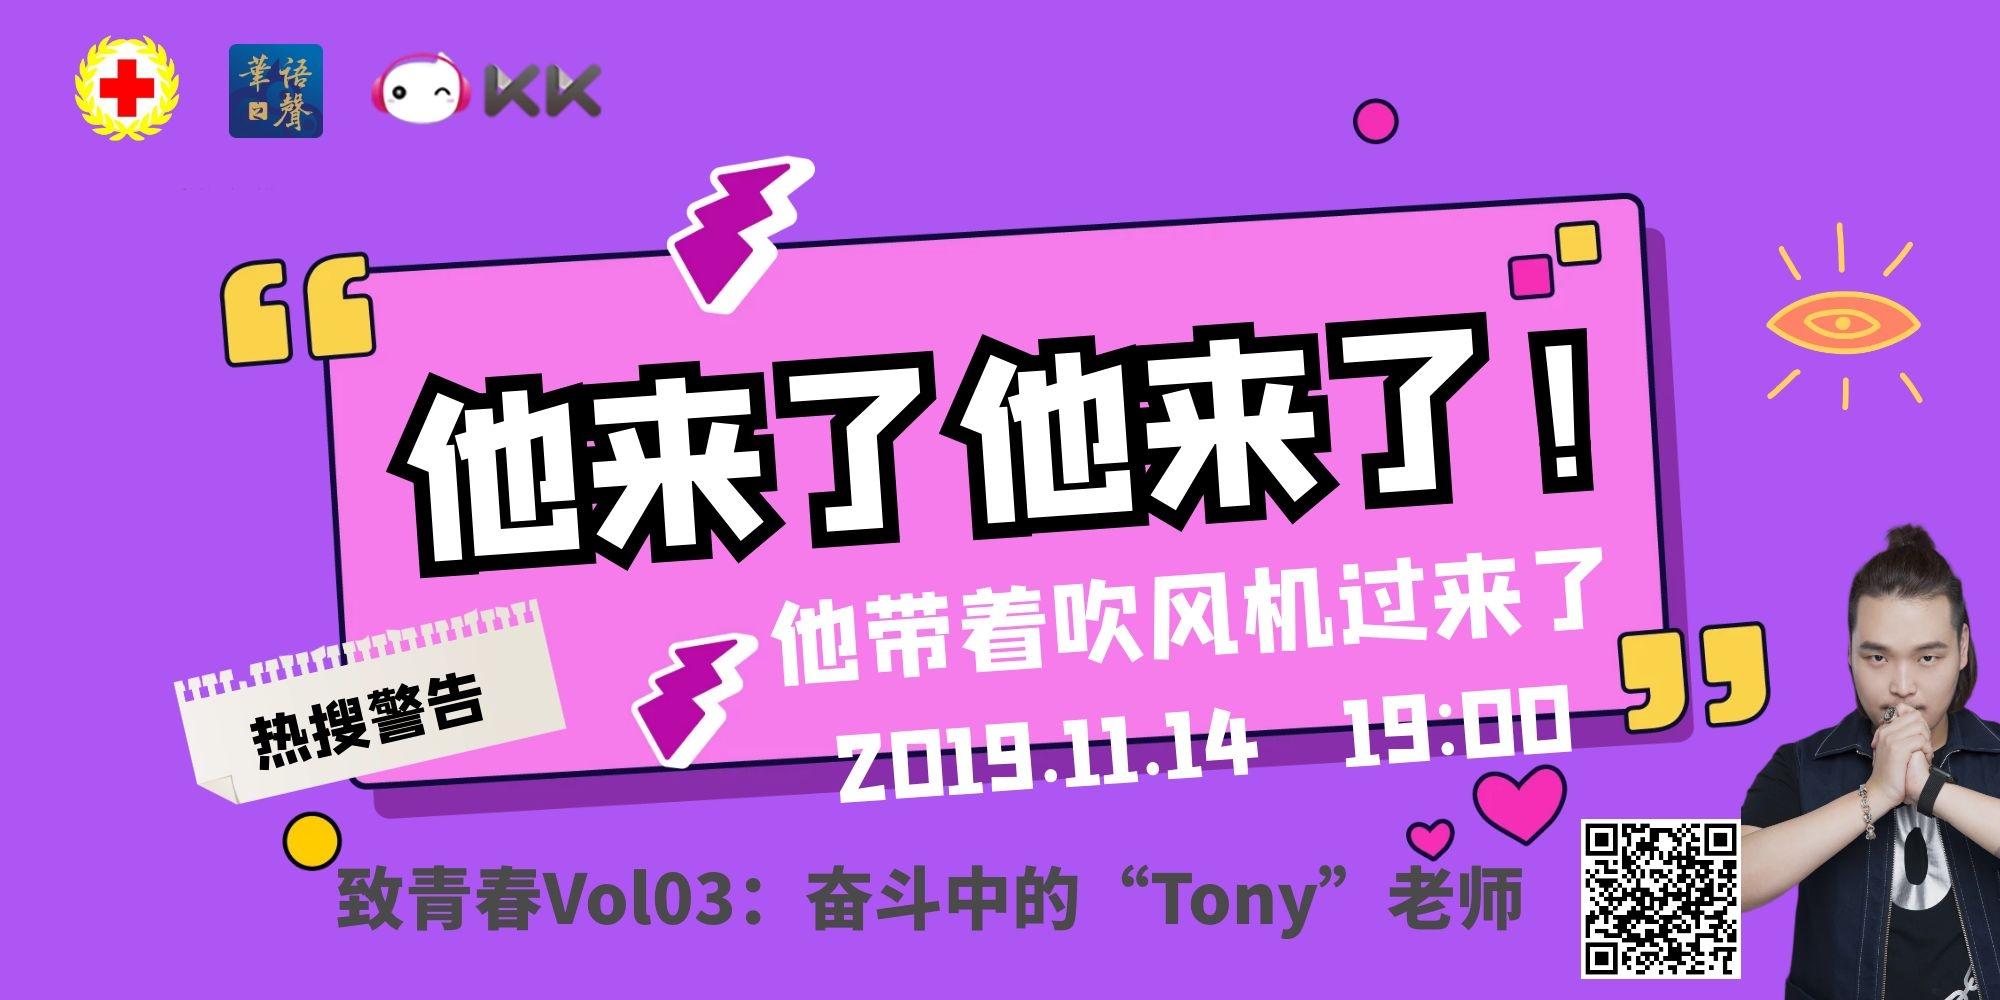 致青春VOL03:奋斗中的'Tony'老师